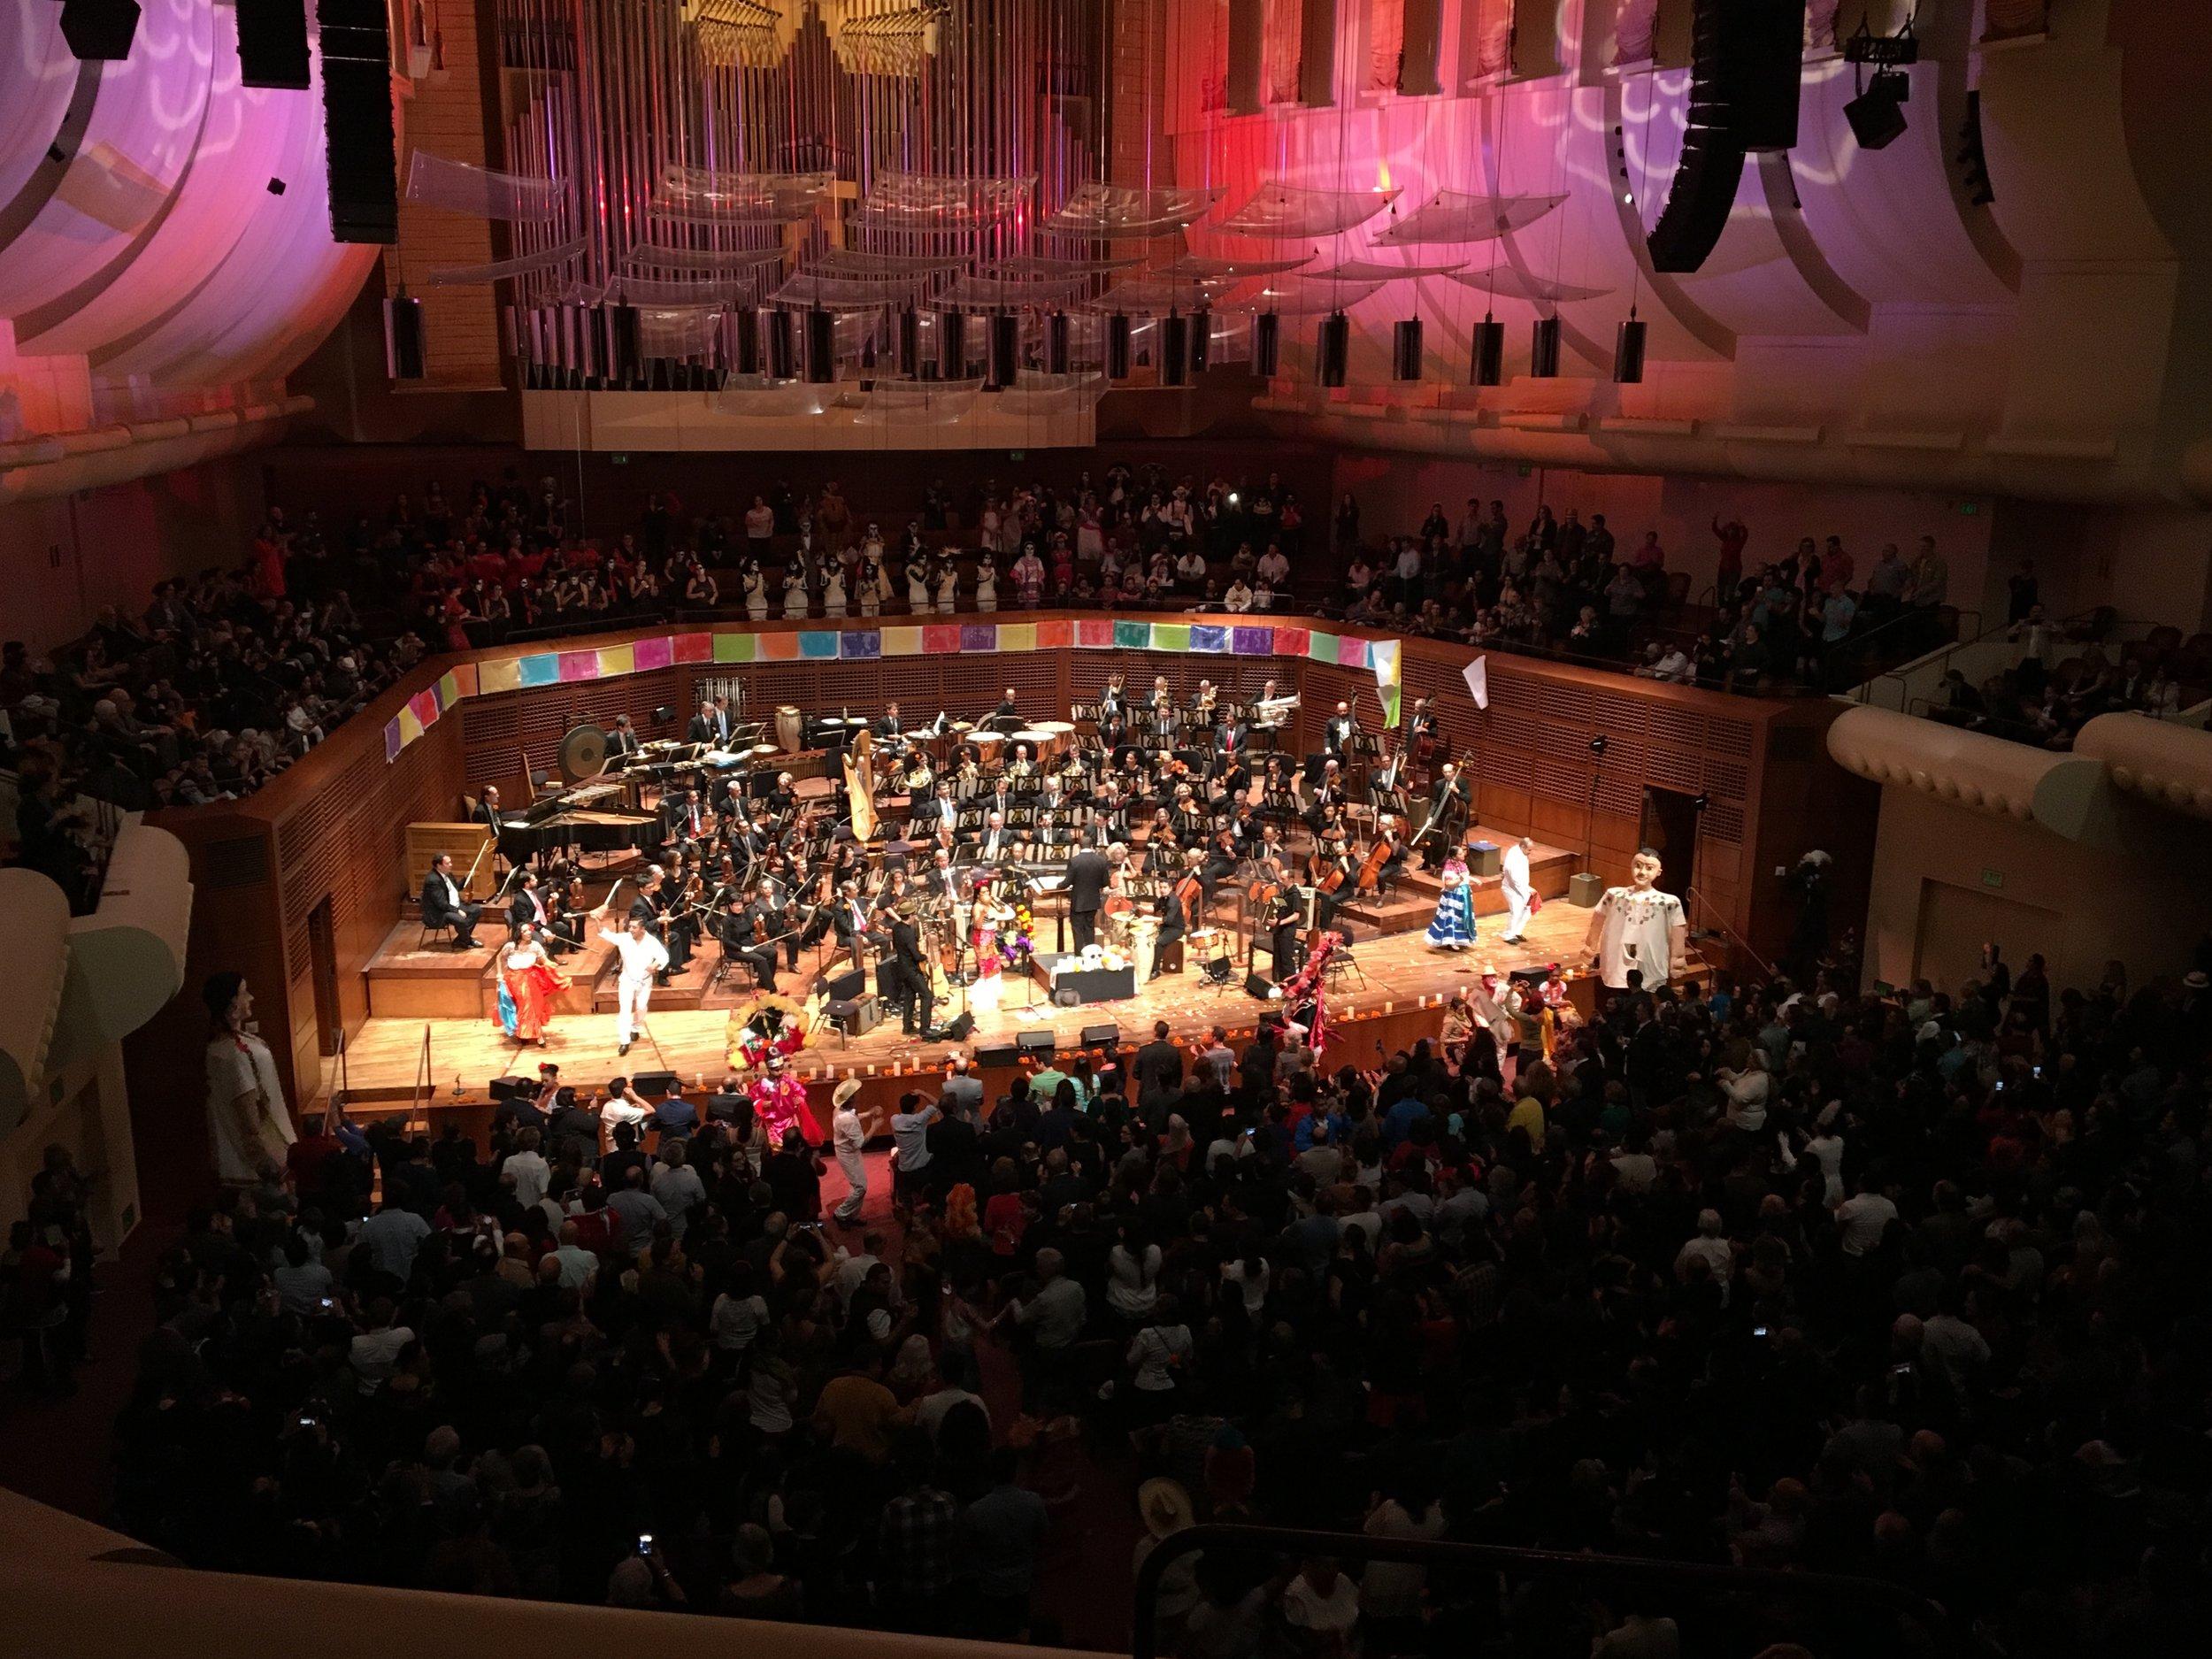 Día de los Muertos at the San Francisco Symphony